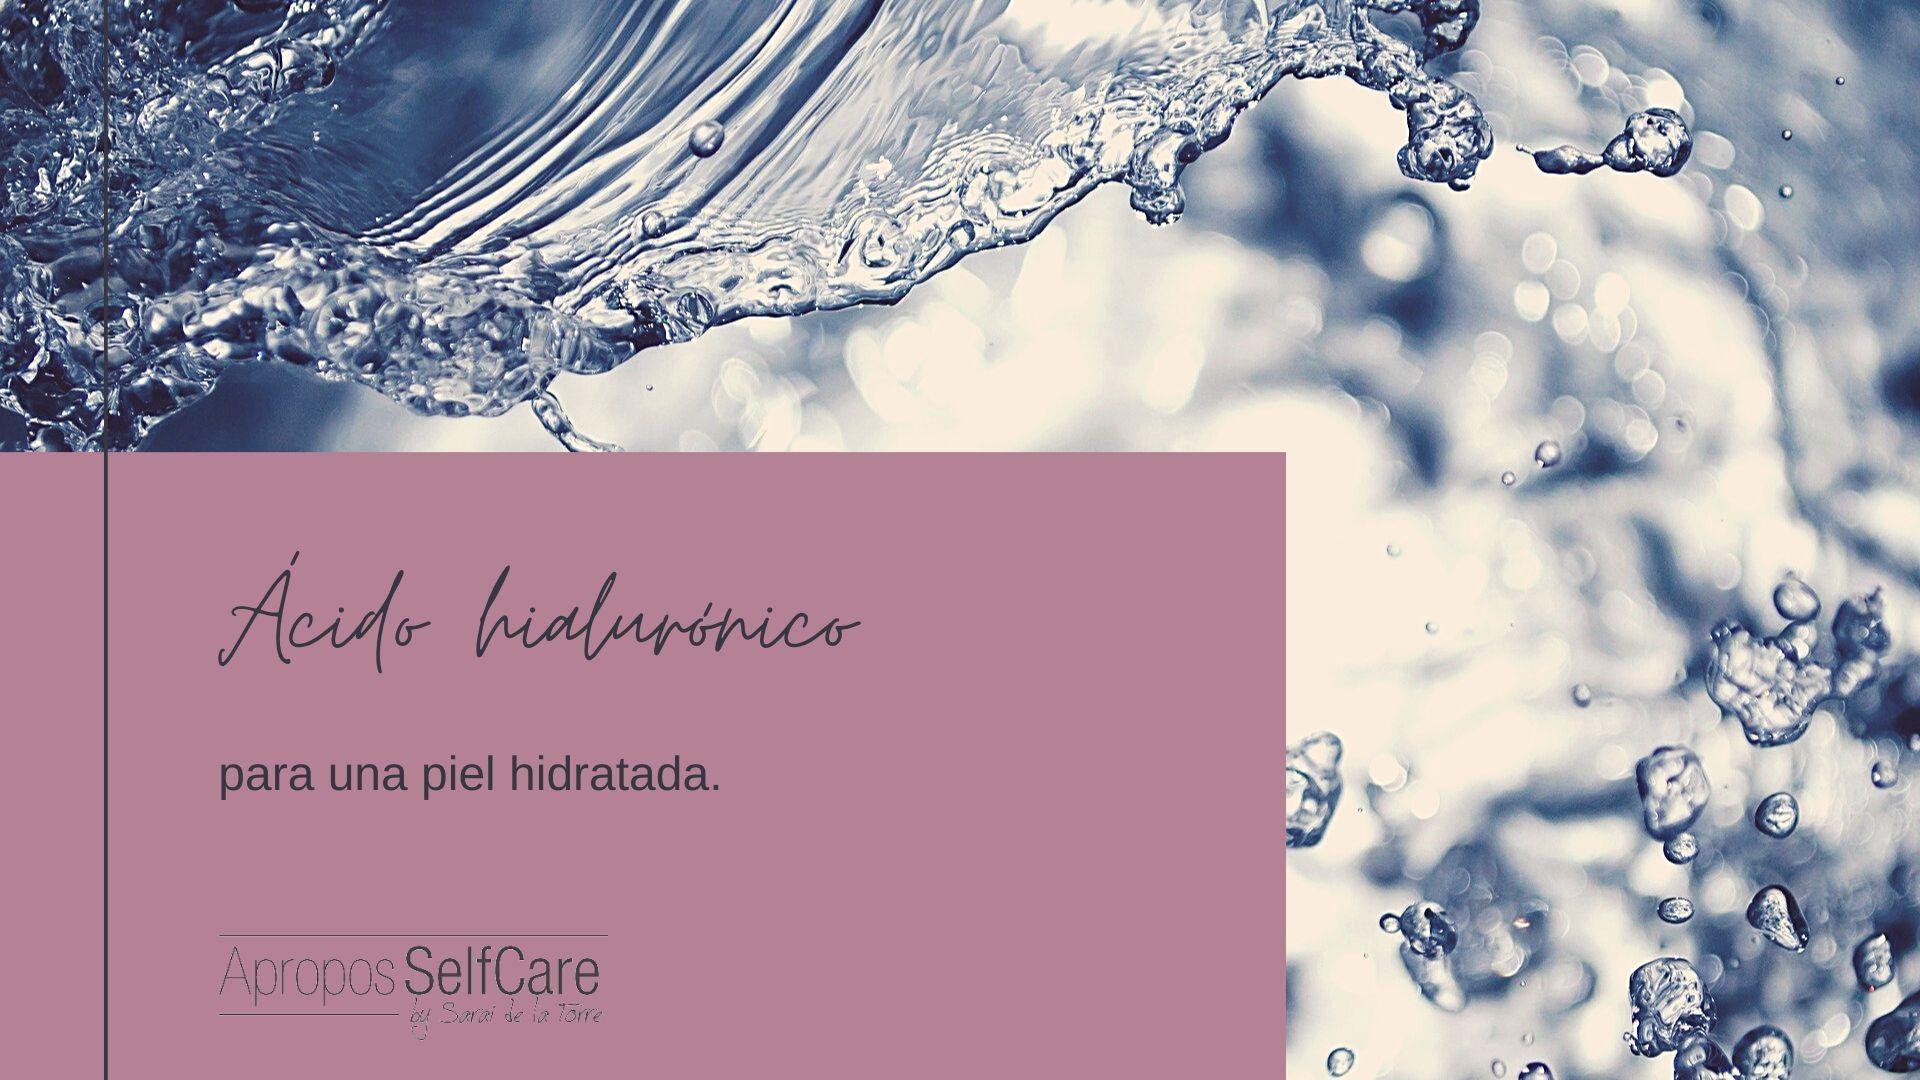 Ácido hialurónico, para una piel hidratada